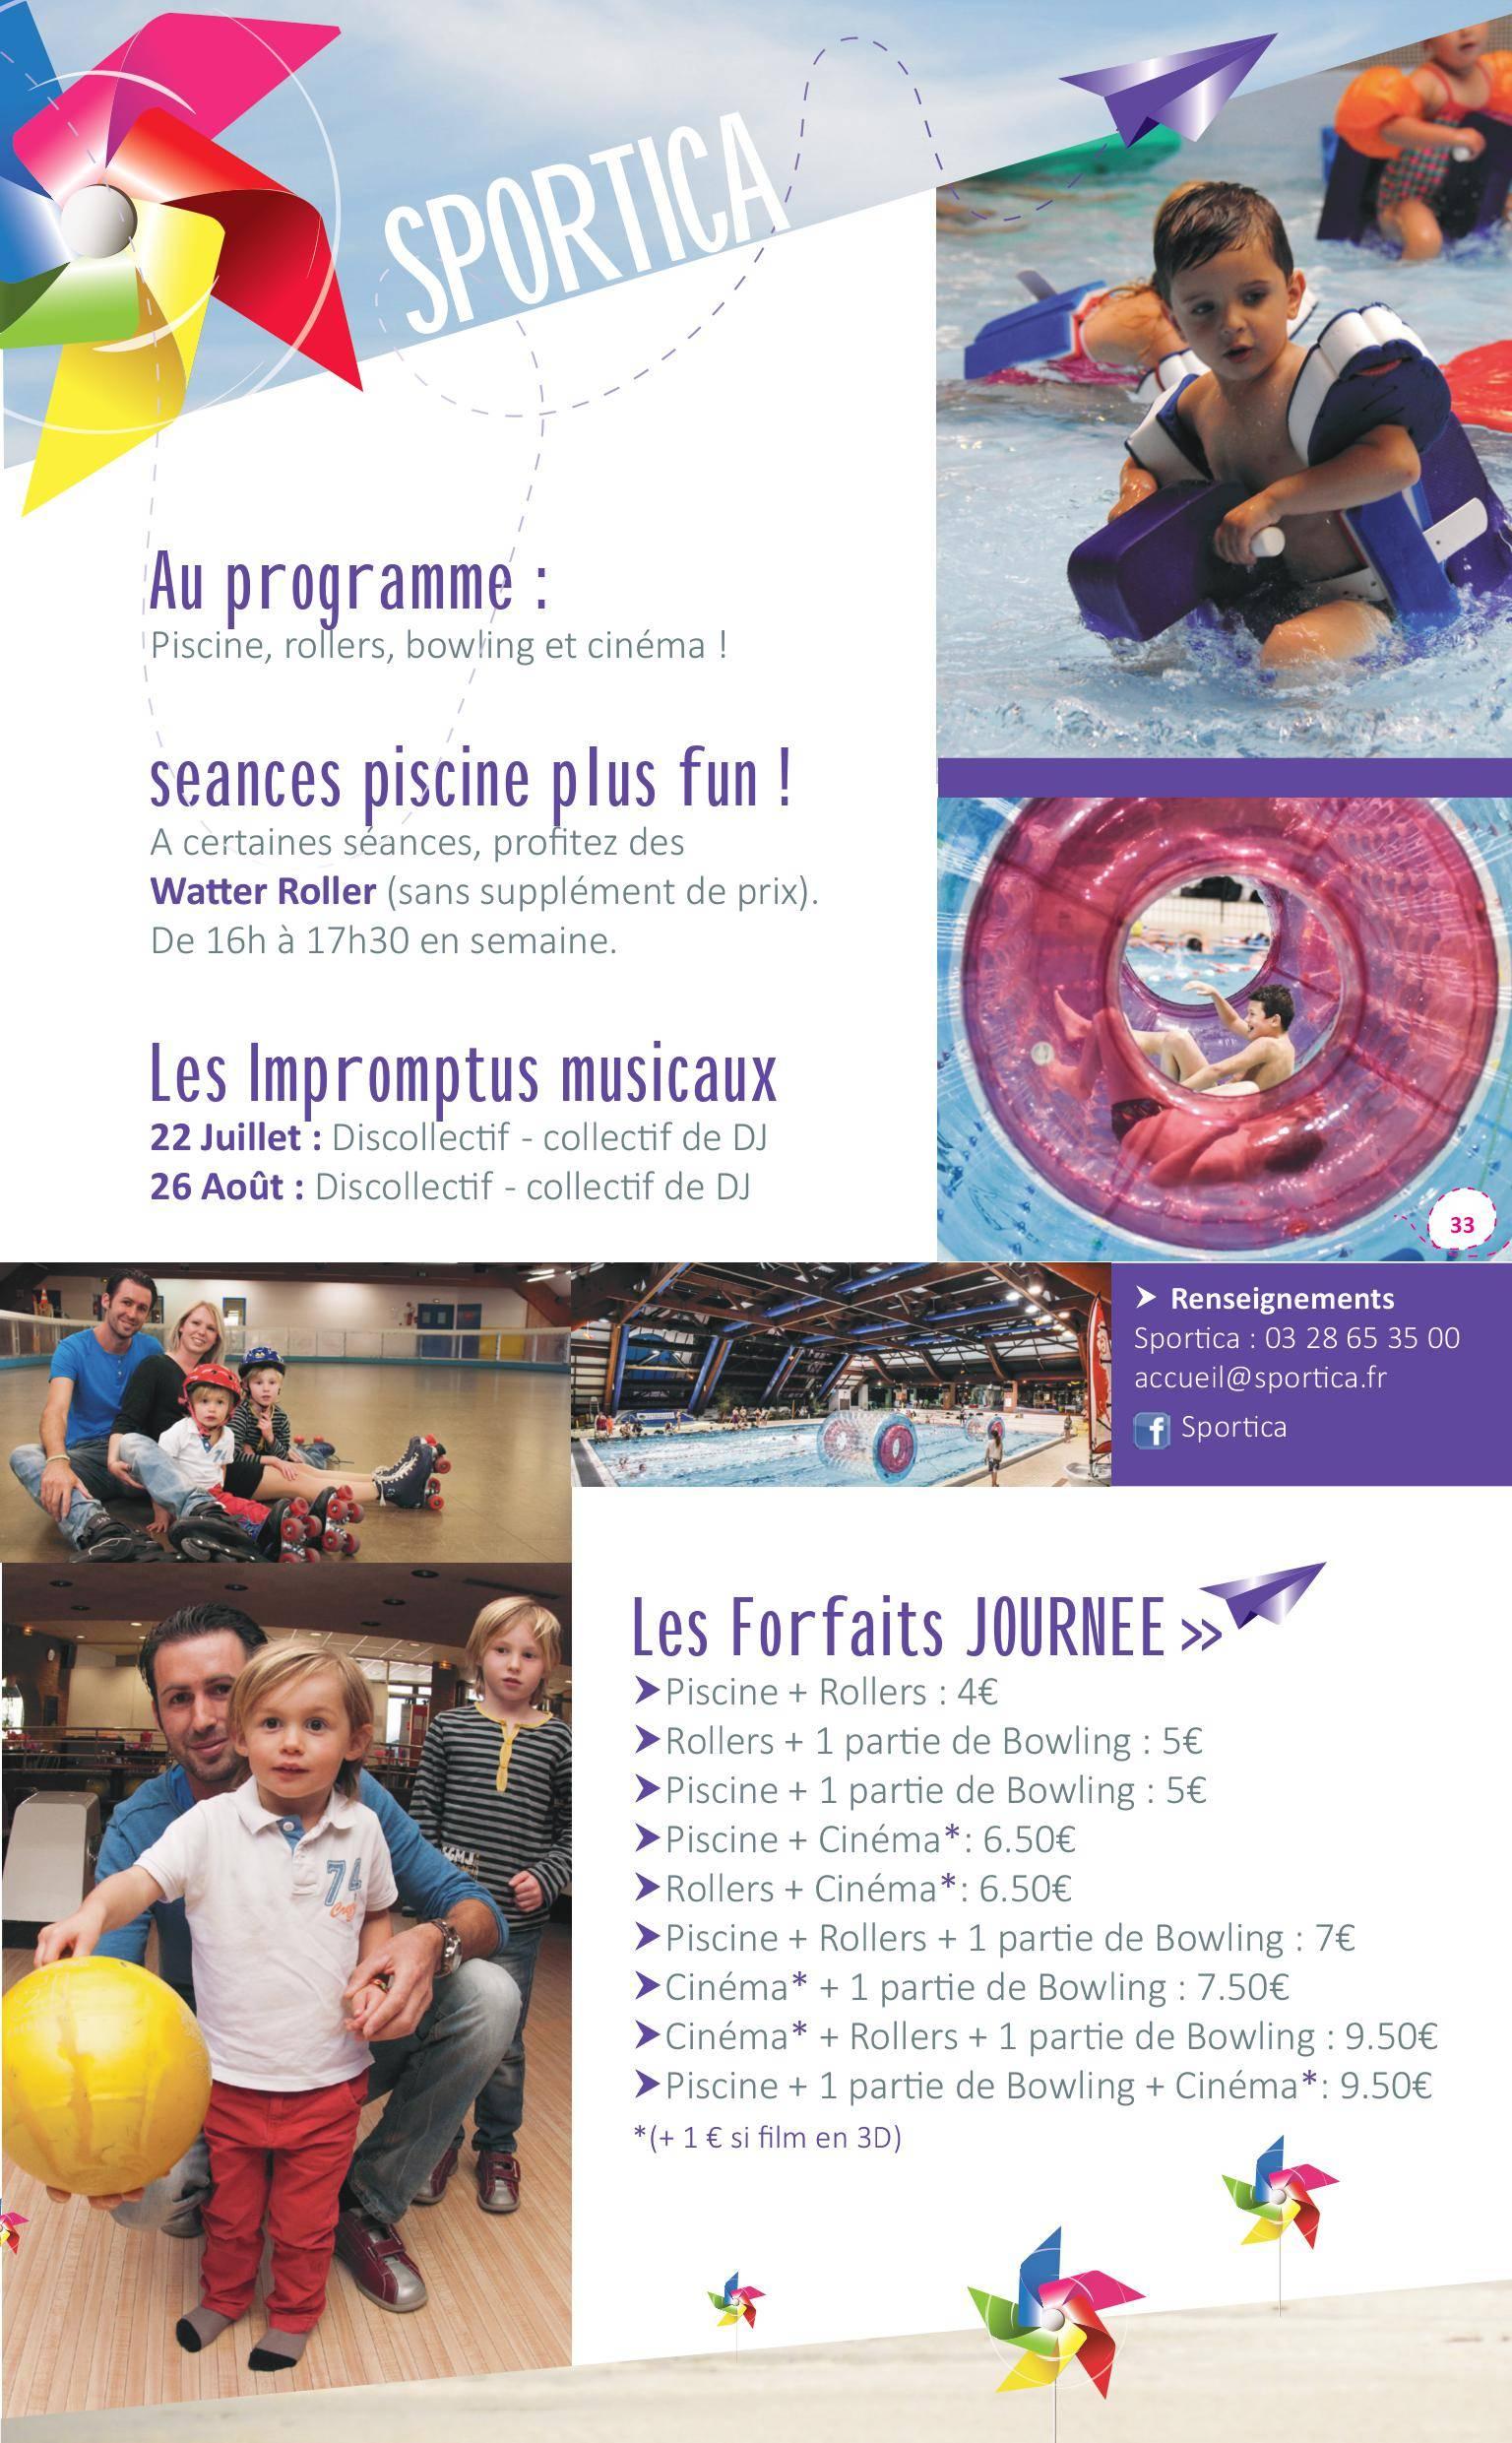 Saison estivale sportica sportica gravelines for Sportica piscine